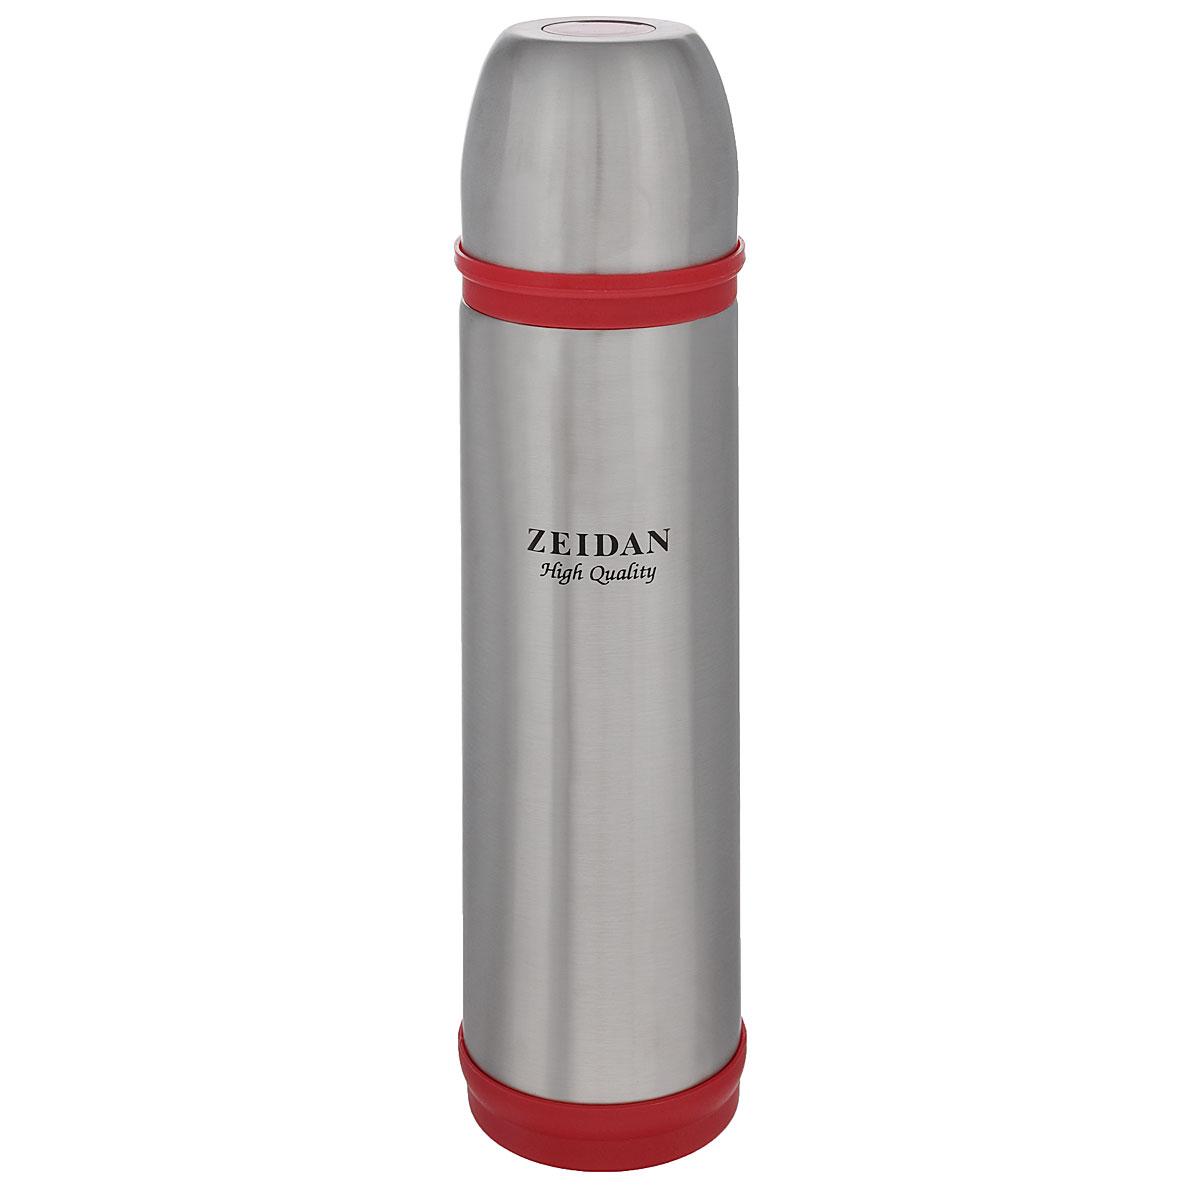 Термос Zeidan, цвет: красный, серебристый, 750 млVT-1520(SR)Термос с узким горлом Zeidan, изготовленный из высококачественной нержавеющей стали, является простым в использовании, экономичным и многофункциональным. Термос с двухстеночной вакуумной изоляцией предназначен для хранения горячих и холодных напитков (чая, кофе). Изделие укомплектовано пробкой с кнопкой. Такая пробка удобна в использовании и позволяет, не отвинчивая ее, наливать напитки после простого нажатия. Изделие также оснащено крышкой-чашкой. Легкий и прочный термос Zeidan сохранит ваши напитки горячими или холодными надолго.Высота (с учетом крышки): 30 см.Диаметр горлышка: 4,5 см.